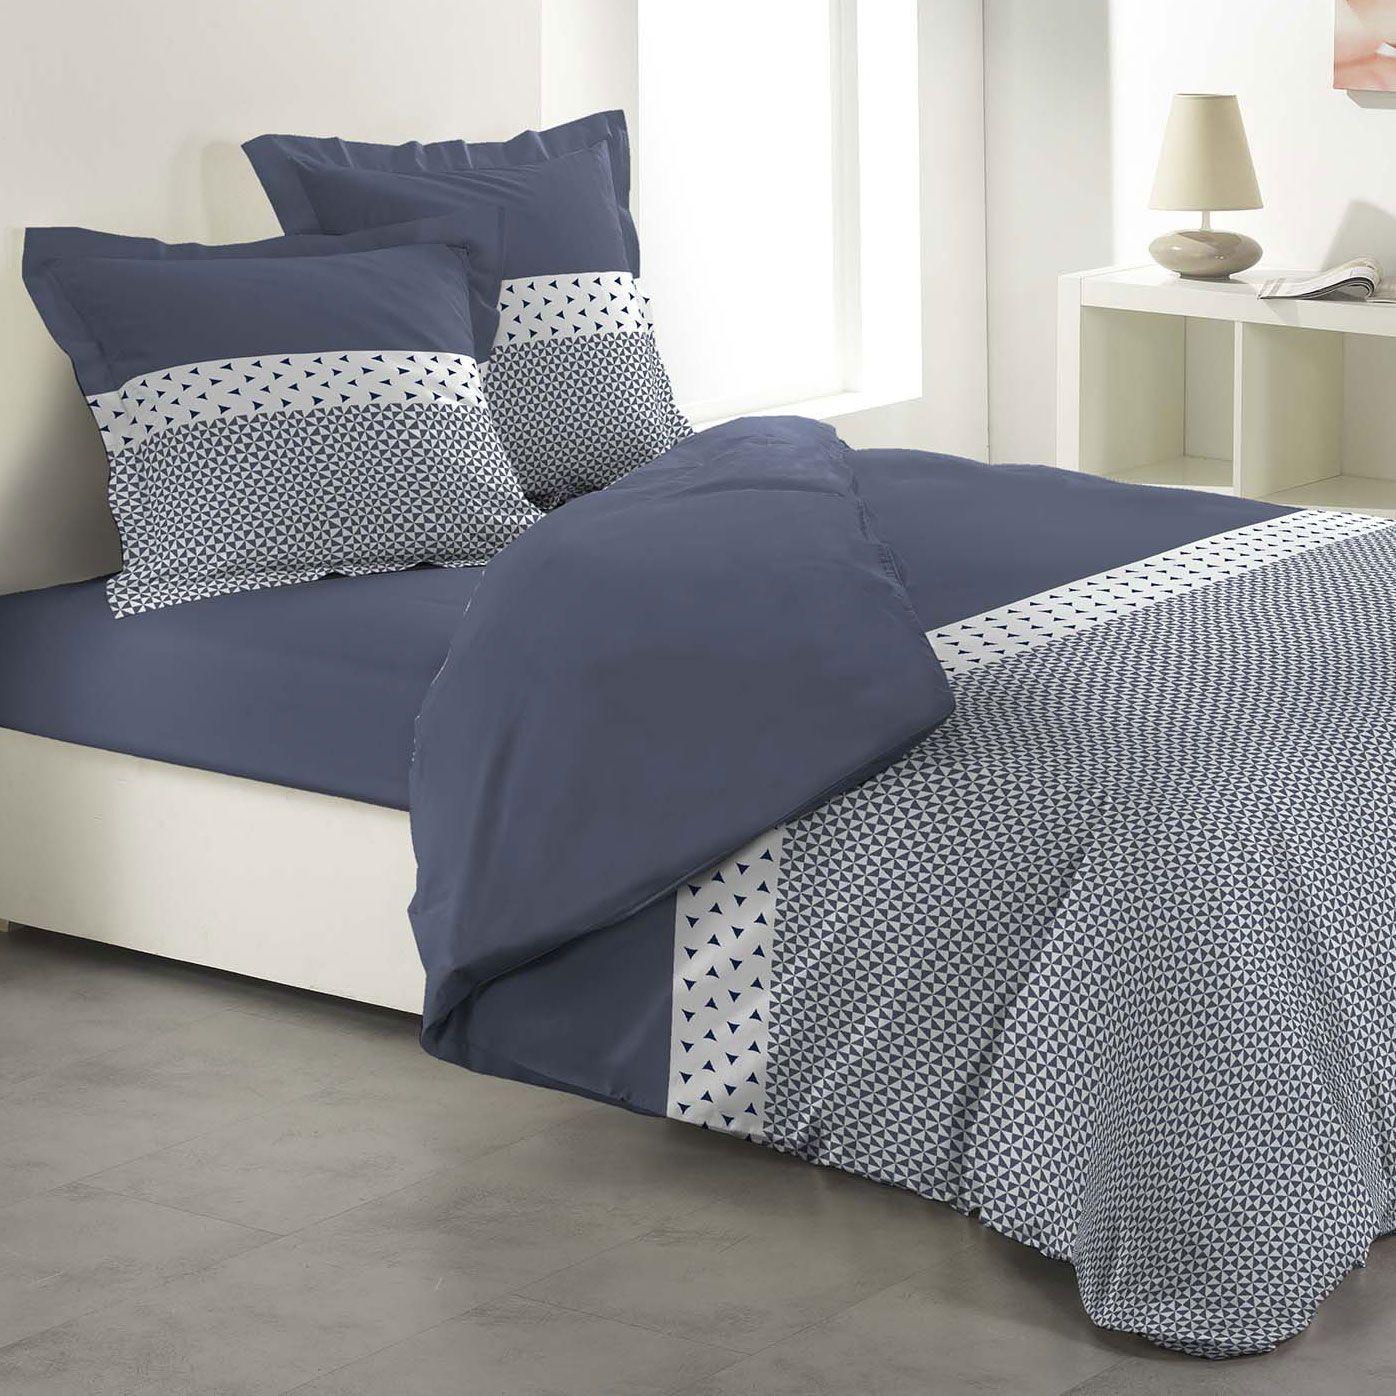 housse de couette et deux taies agatha 100 coton 240 cm bleu orage housse de couette eminza. Black Bedroom Furniture Sets. Home Design Ideas